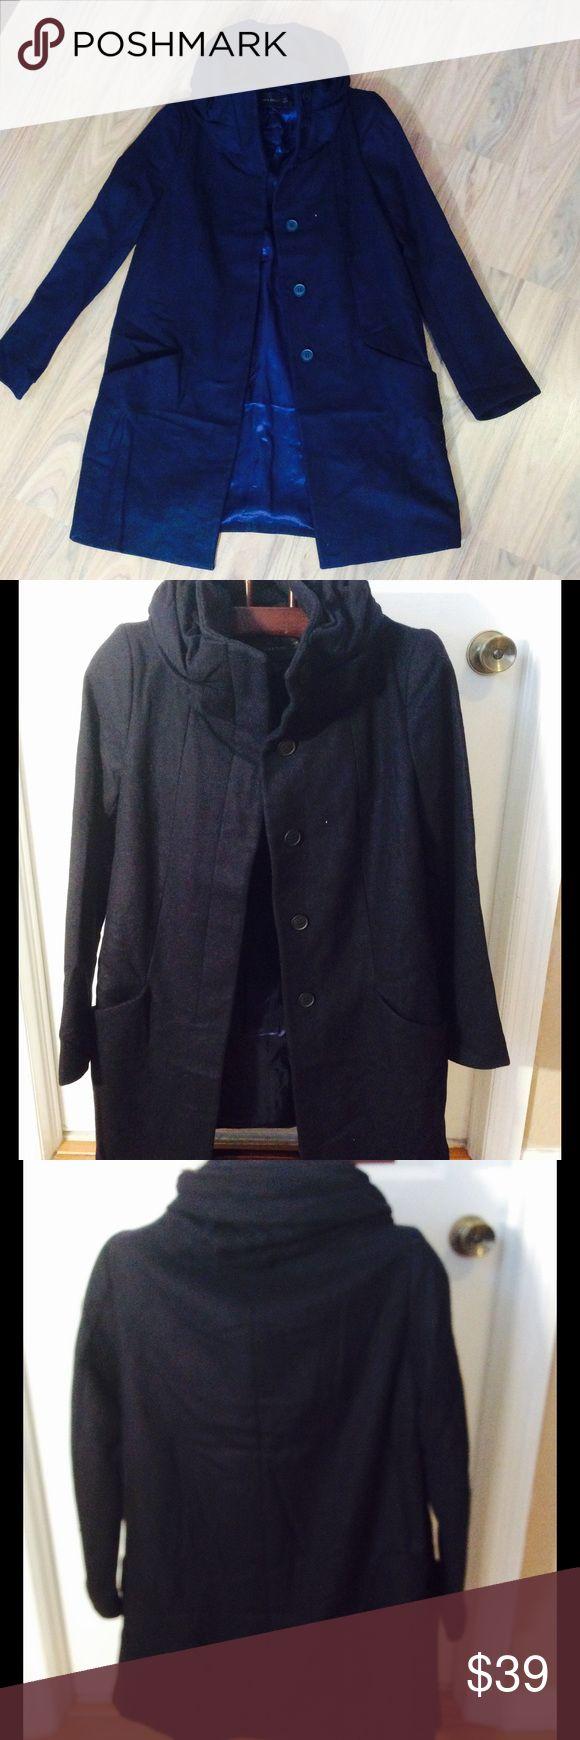 NWT 💕ZARA WINTER JACKETS 💕LAST ONE NWT ZARA WINTER JACKETS 100 % Viscose Zara Jackets & Coats Trench Coats